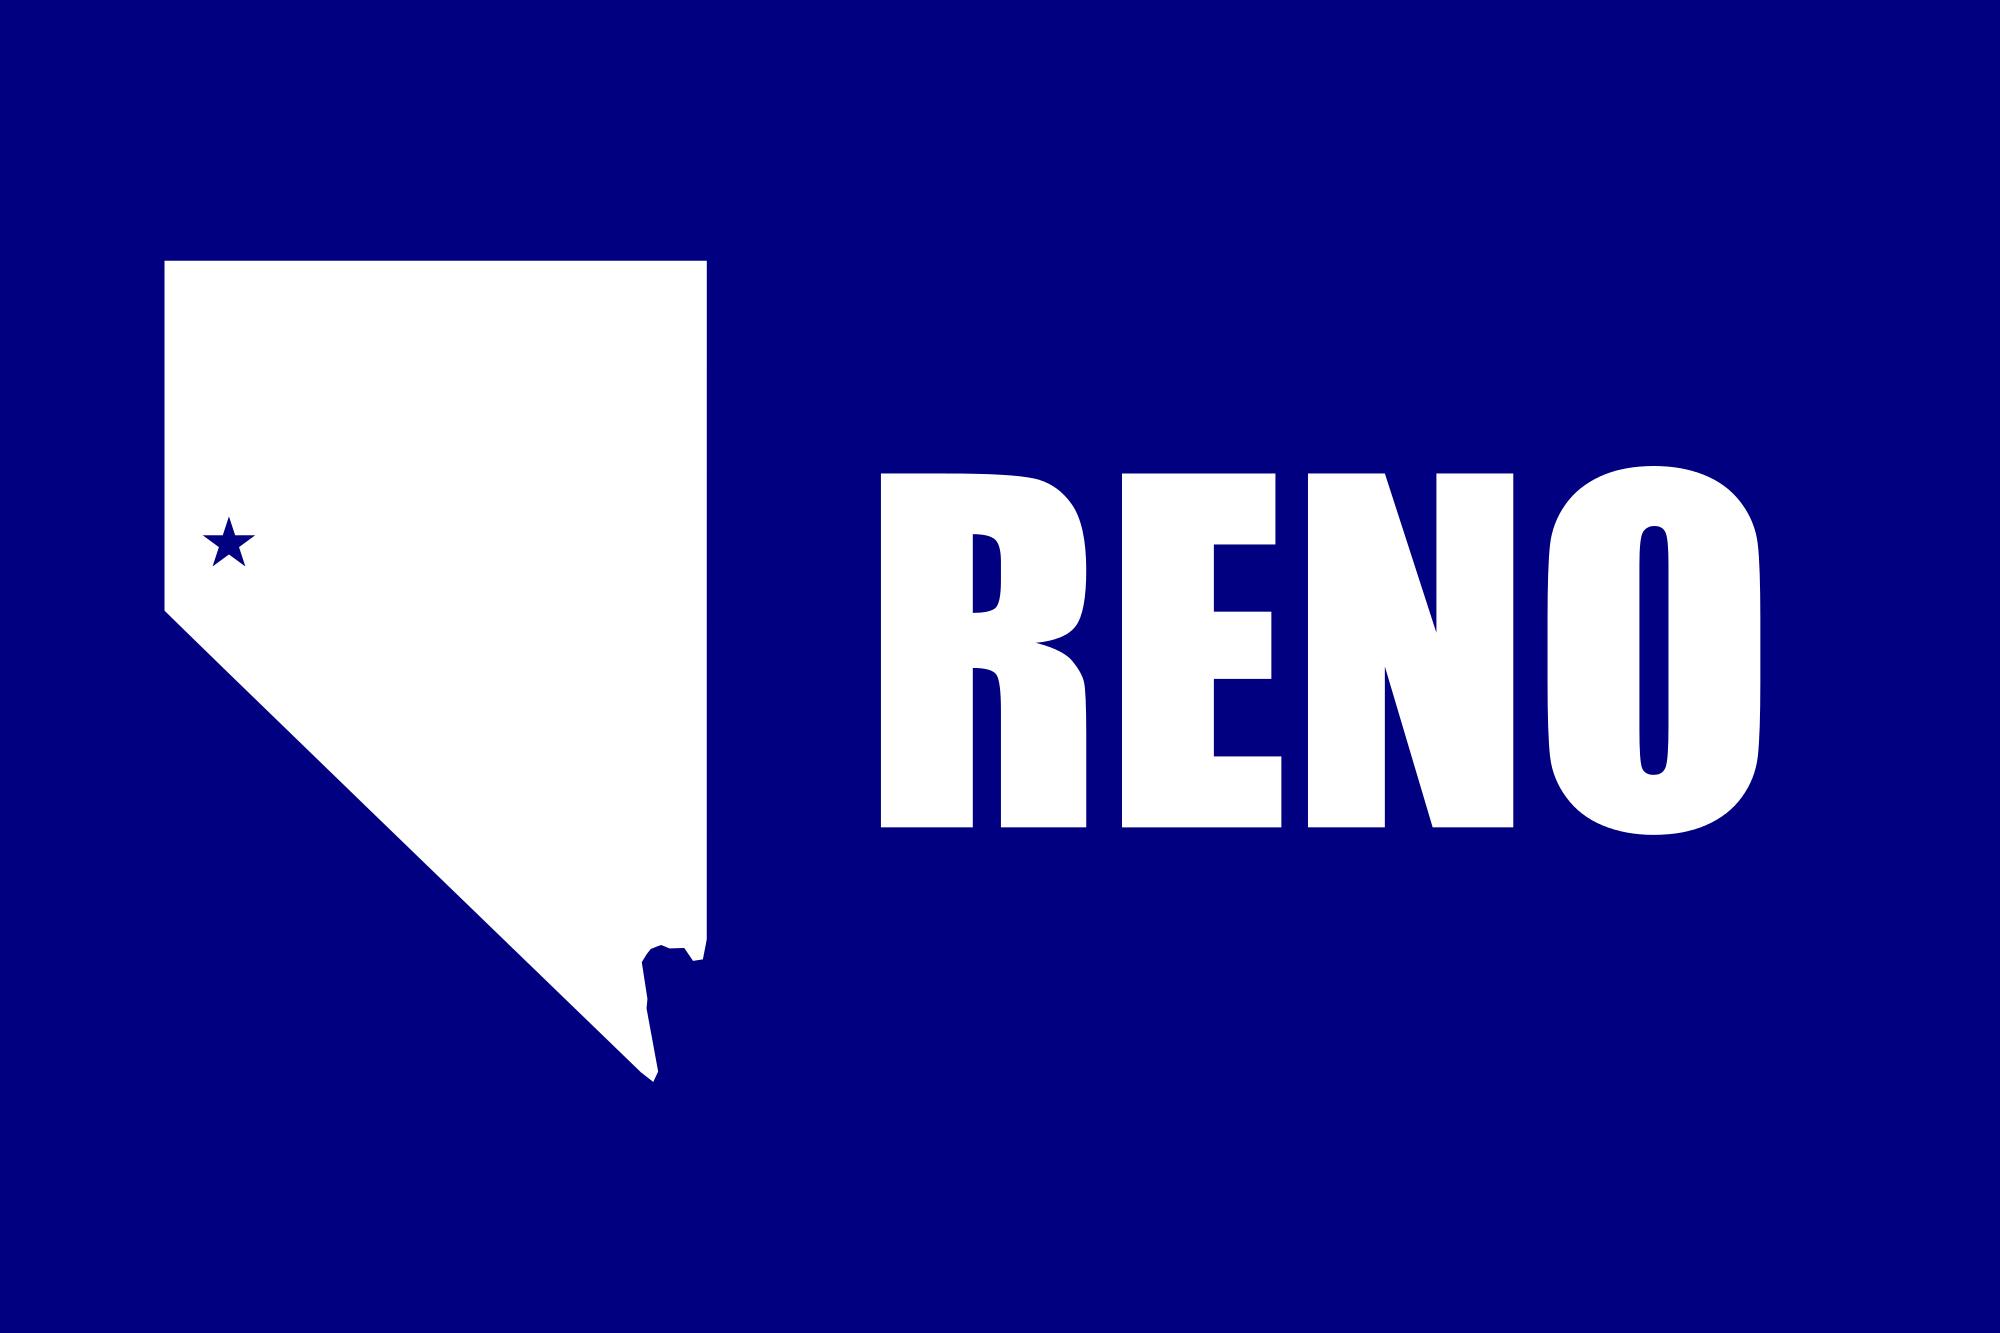 Bandeira de Reno (Nevada)